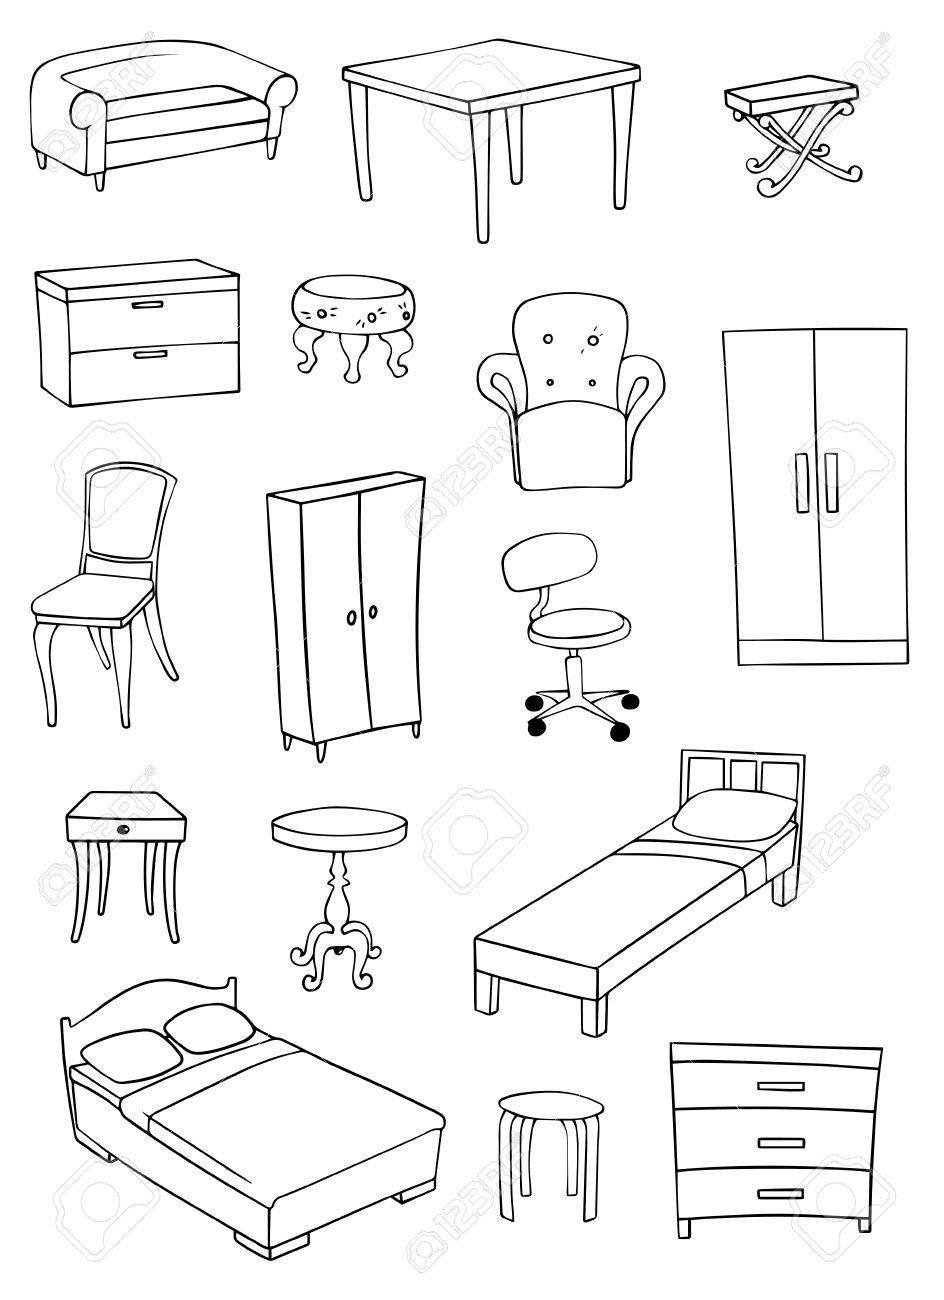 Furniture Set Furniture Design Sketches Interior Design Sketches Drawing For Kids